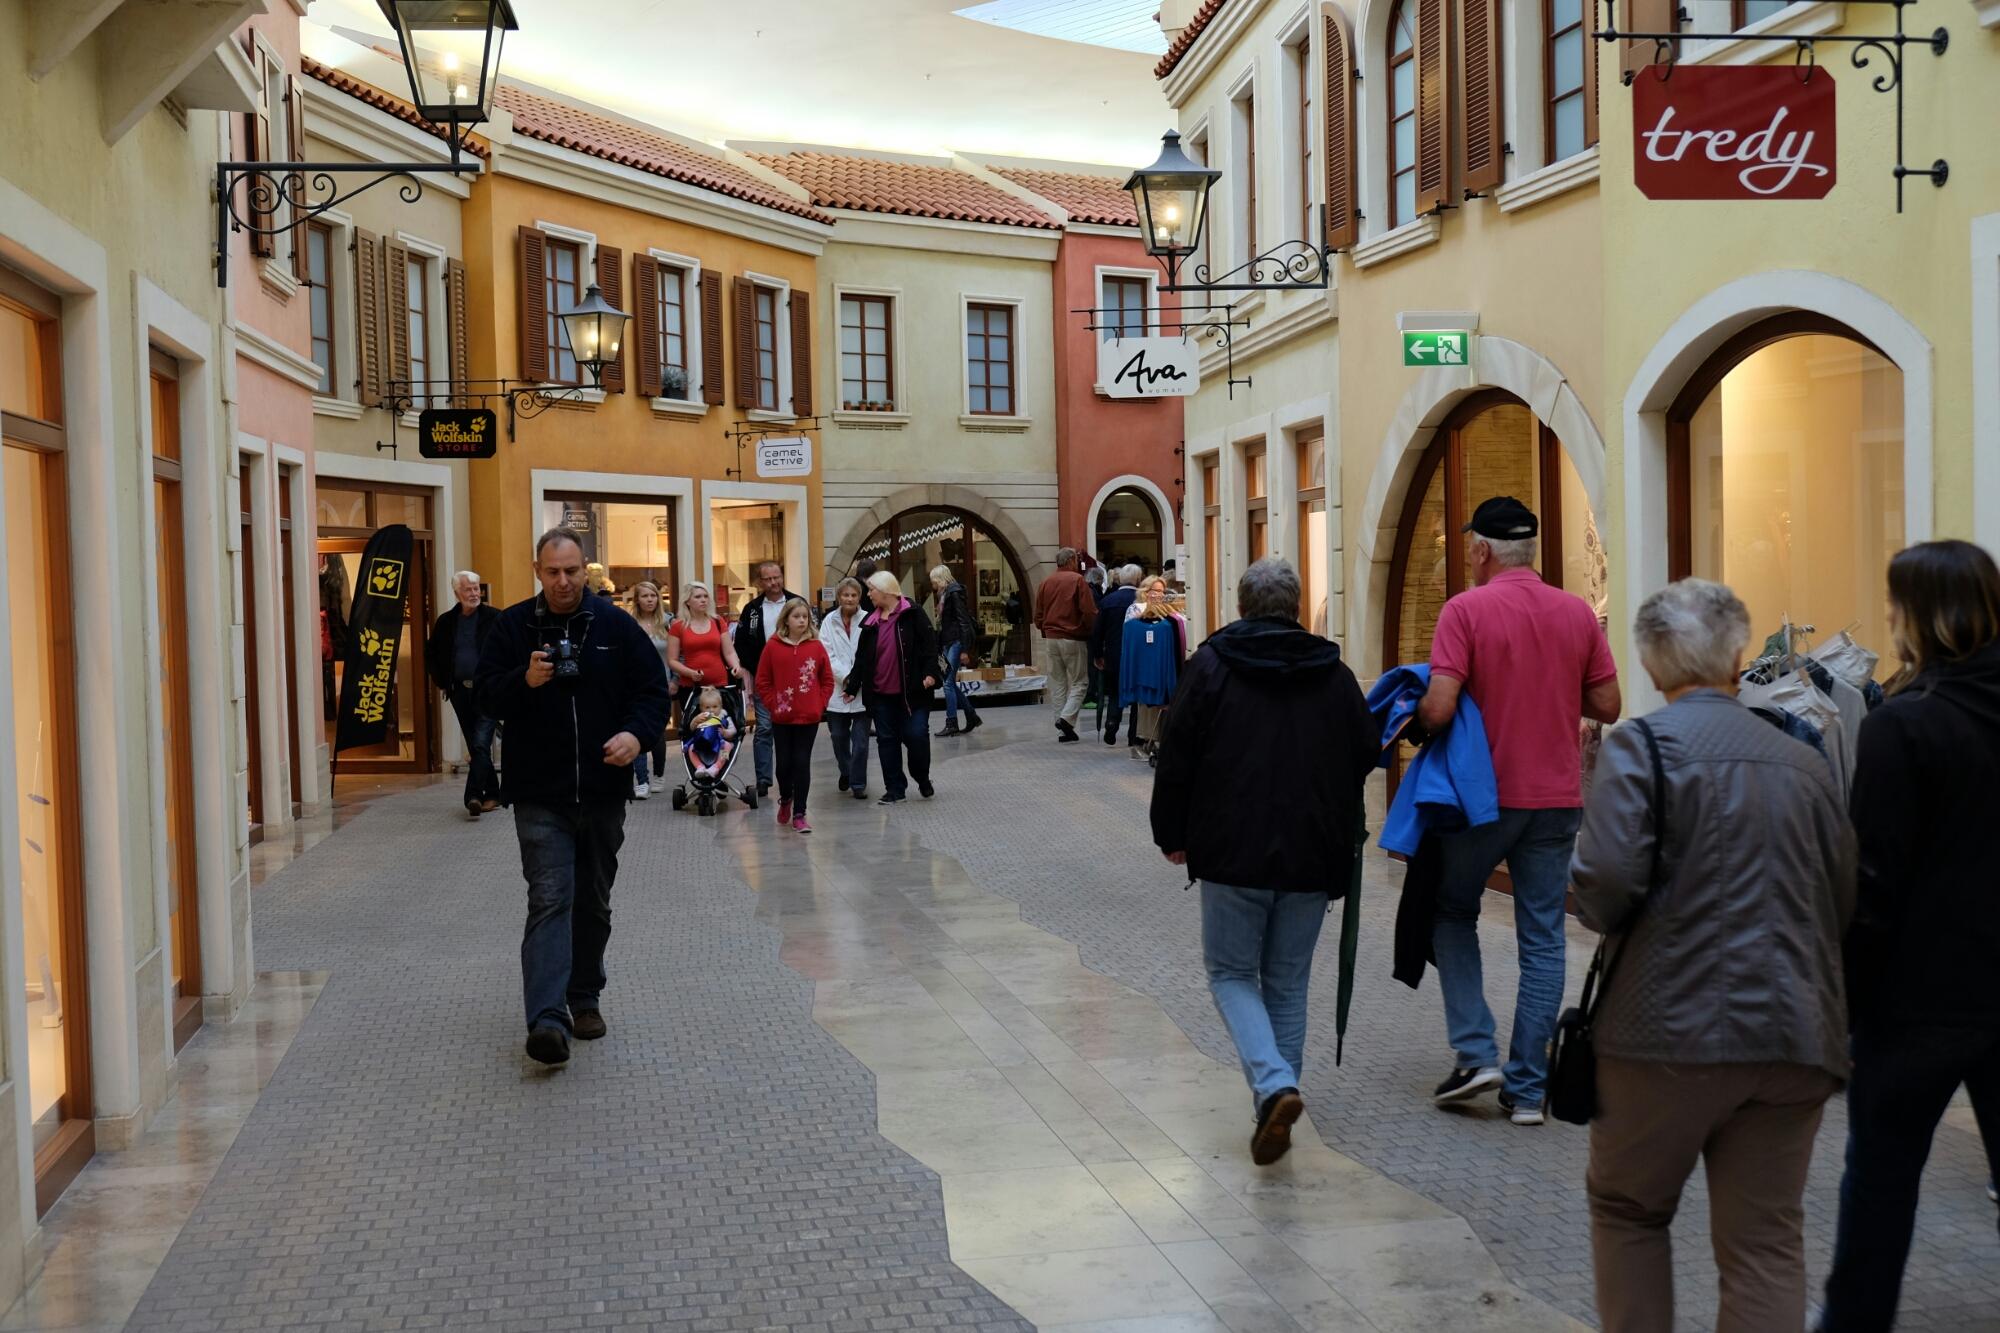 Einkaufszentrum Mediterraneo an der Hafenmeile von Bremerhaven